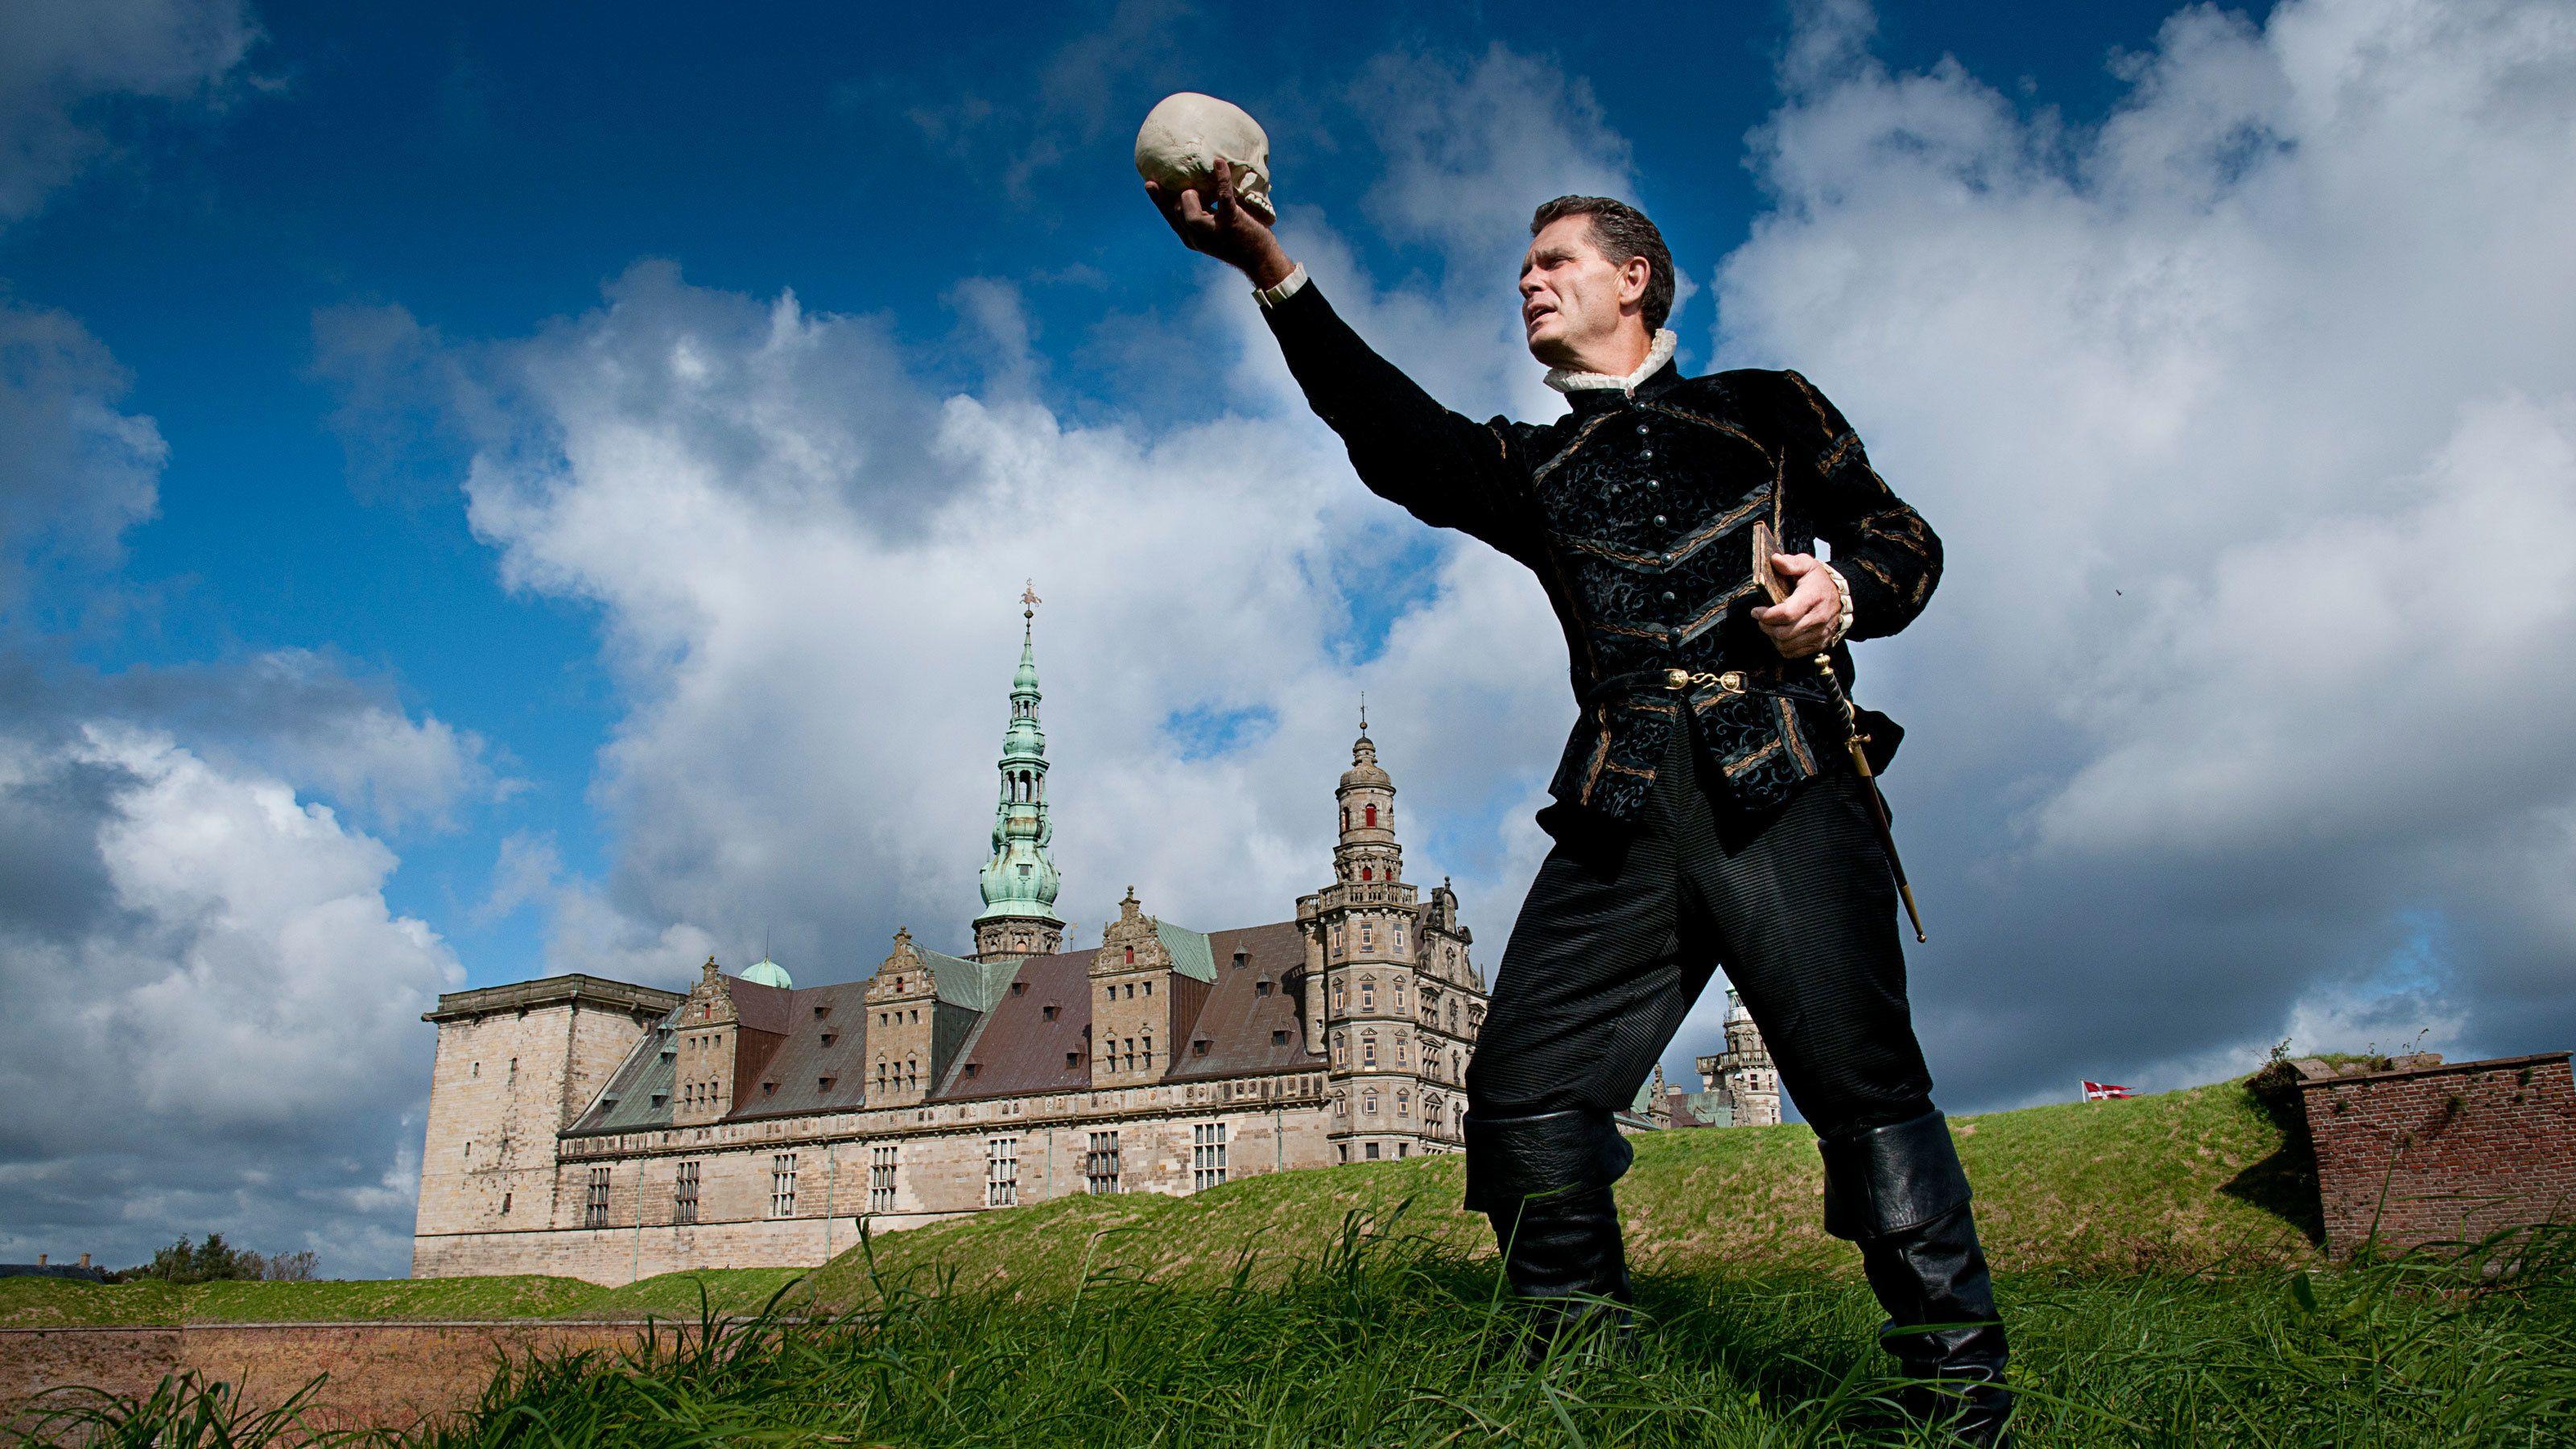 Visiting the Kronborg Castle from Shakespeare in Copenhagen